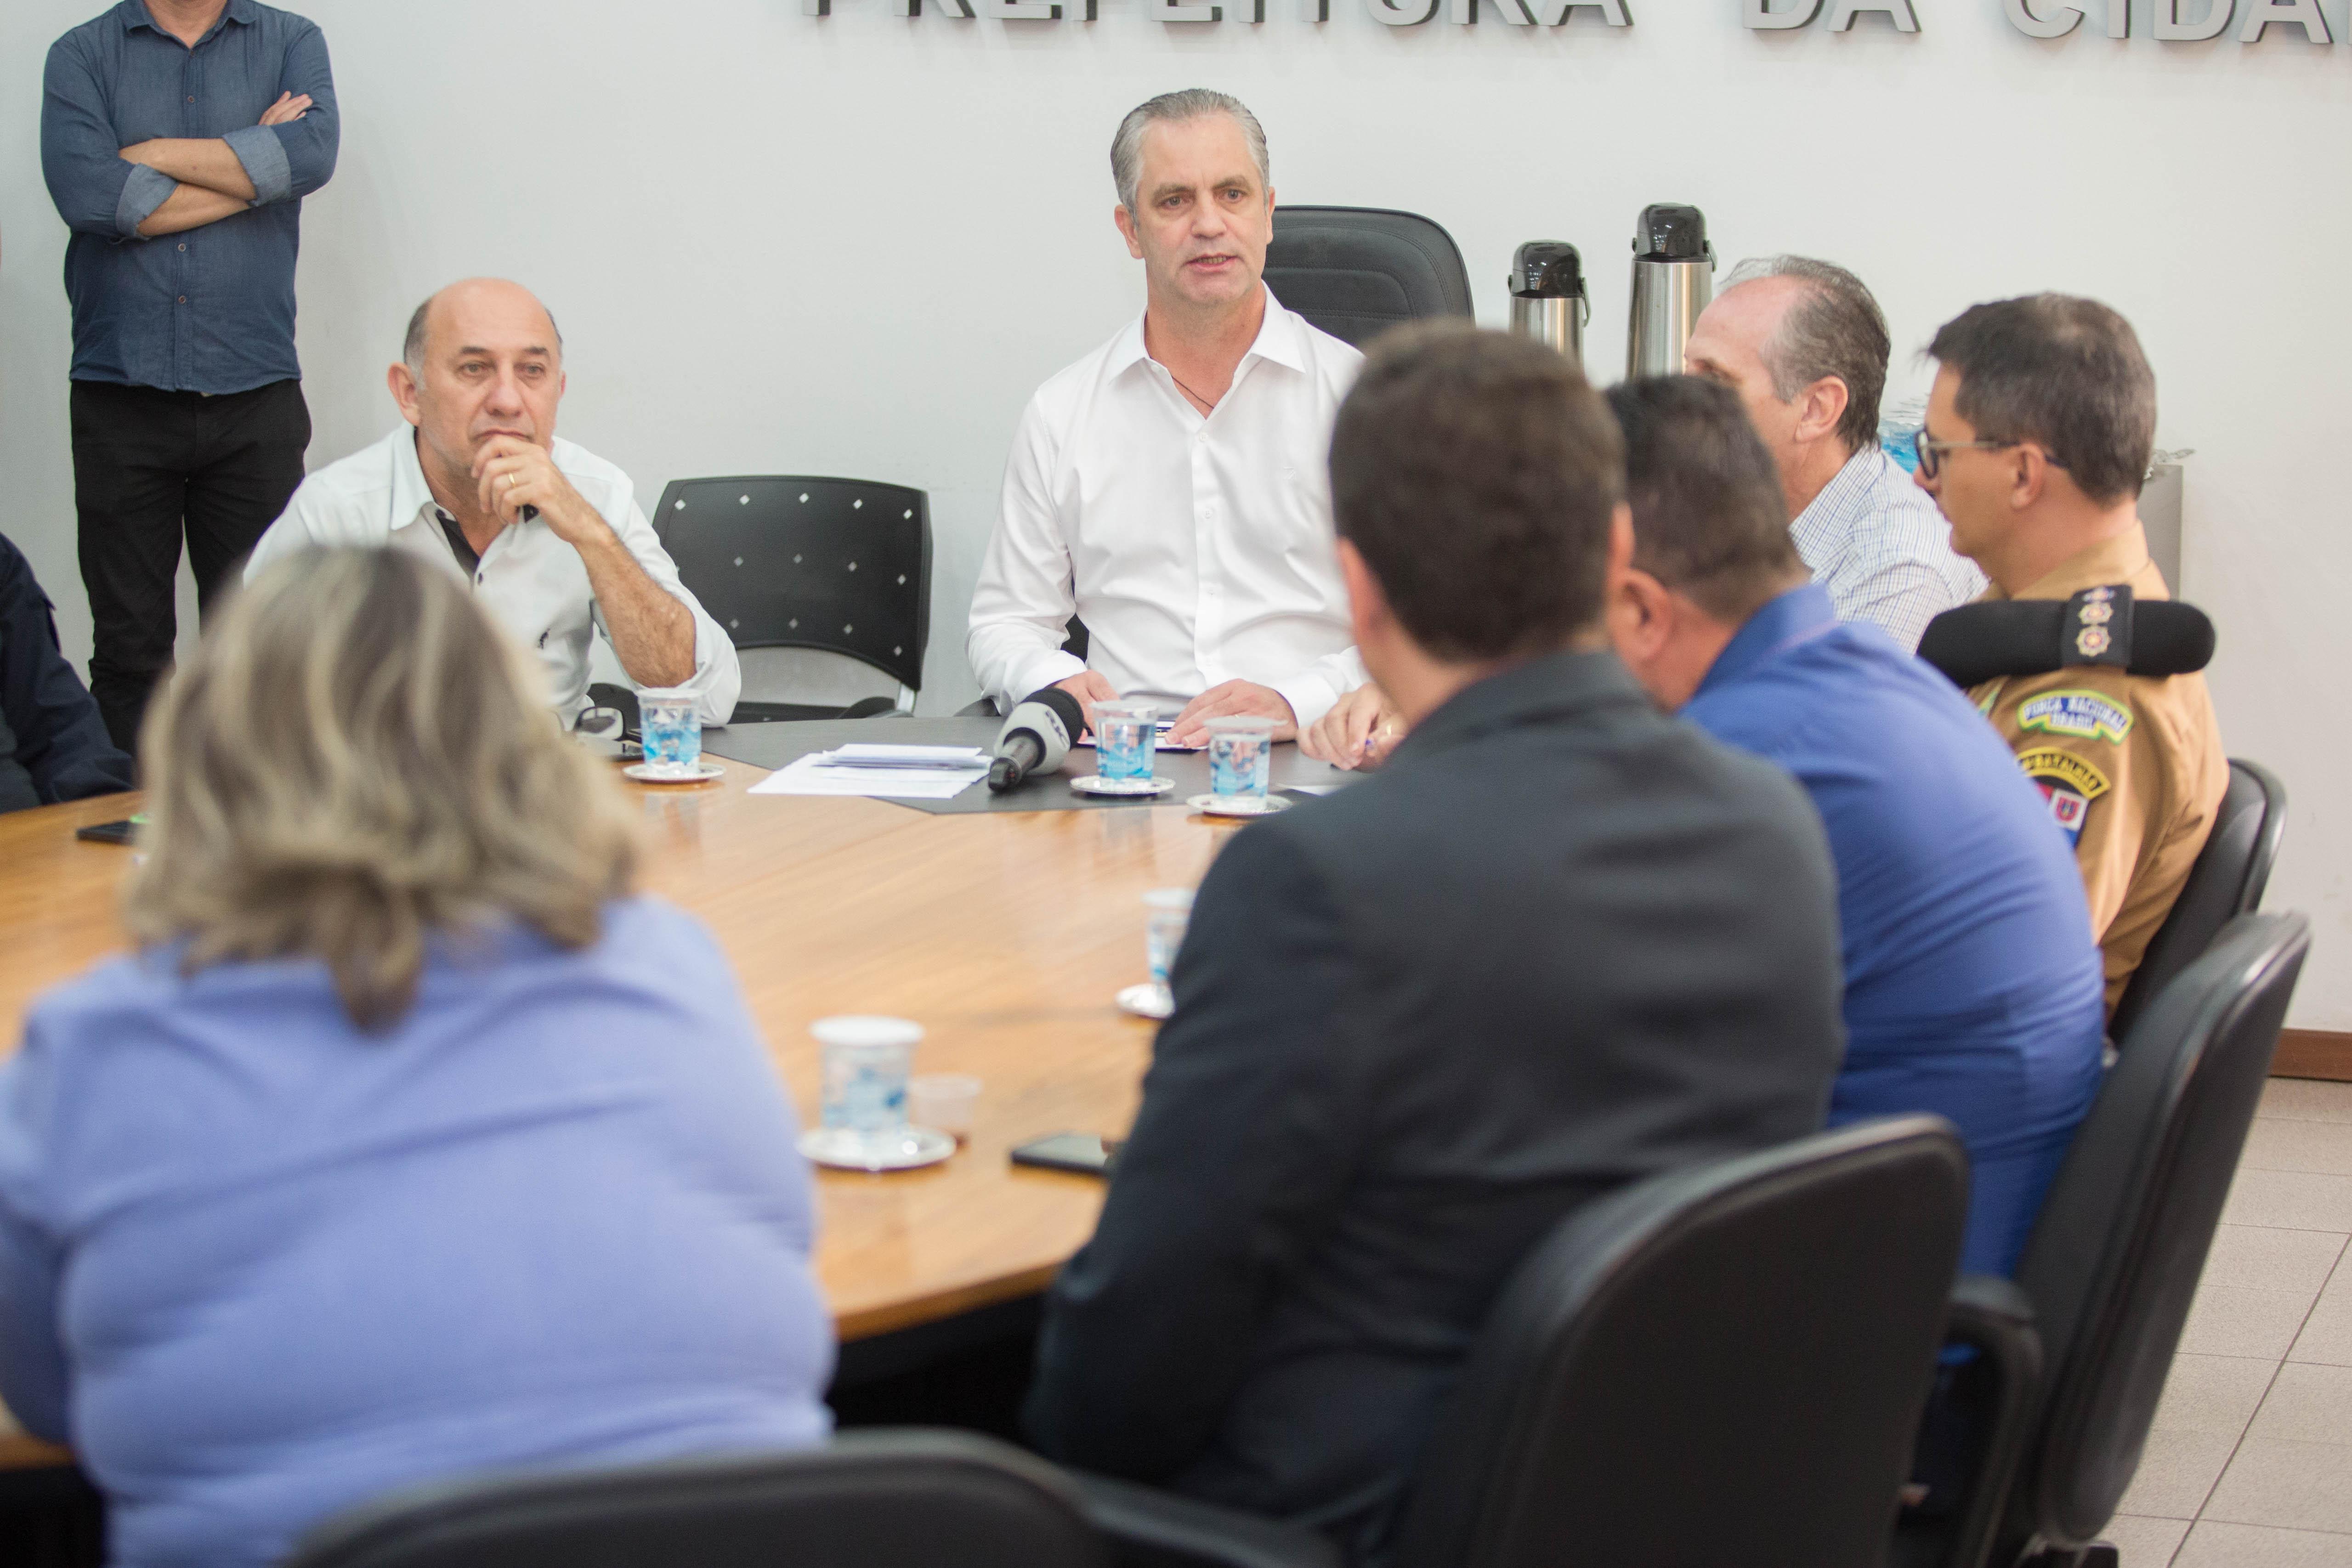 Prefeito Ulisses Maia anotou sugestões anunciadas na reunião. Foto: Vivian Silva/PMM